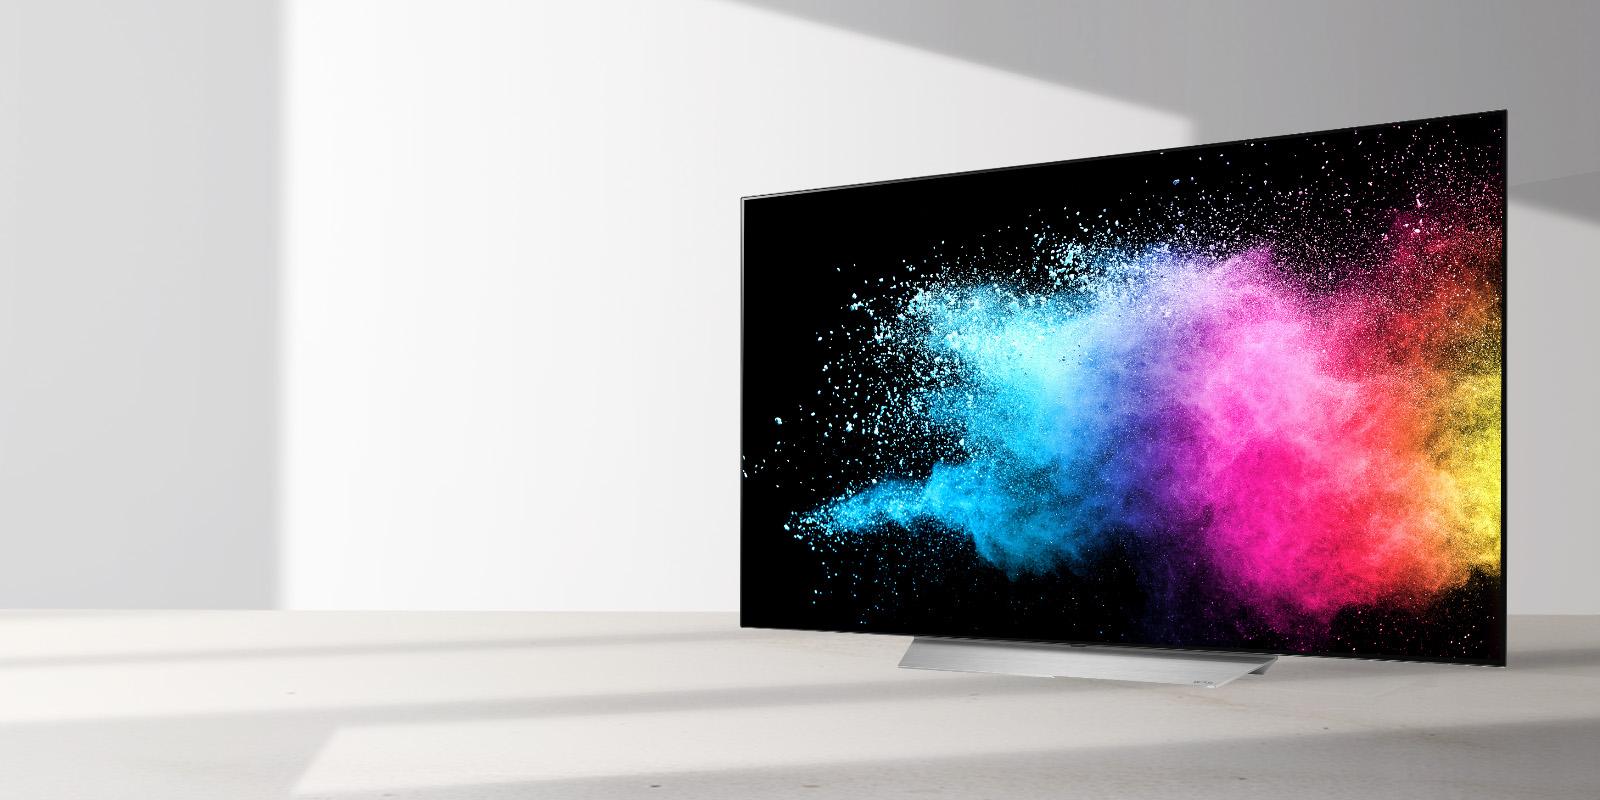 LG OLED TV 65 inch 65C7T Model